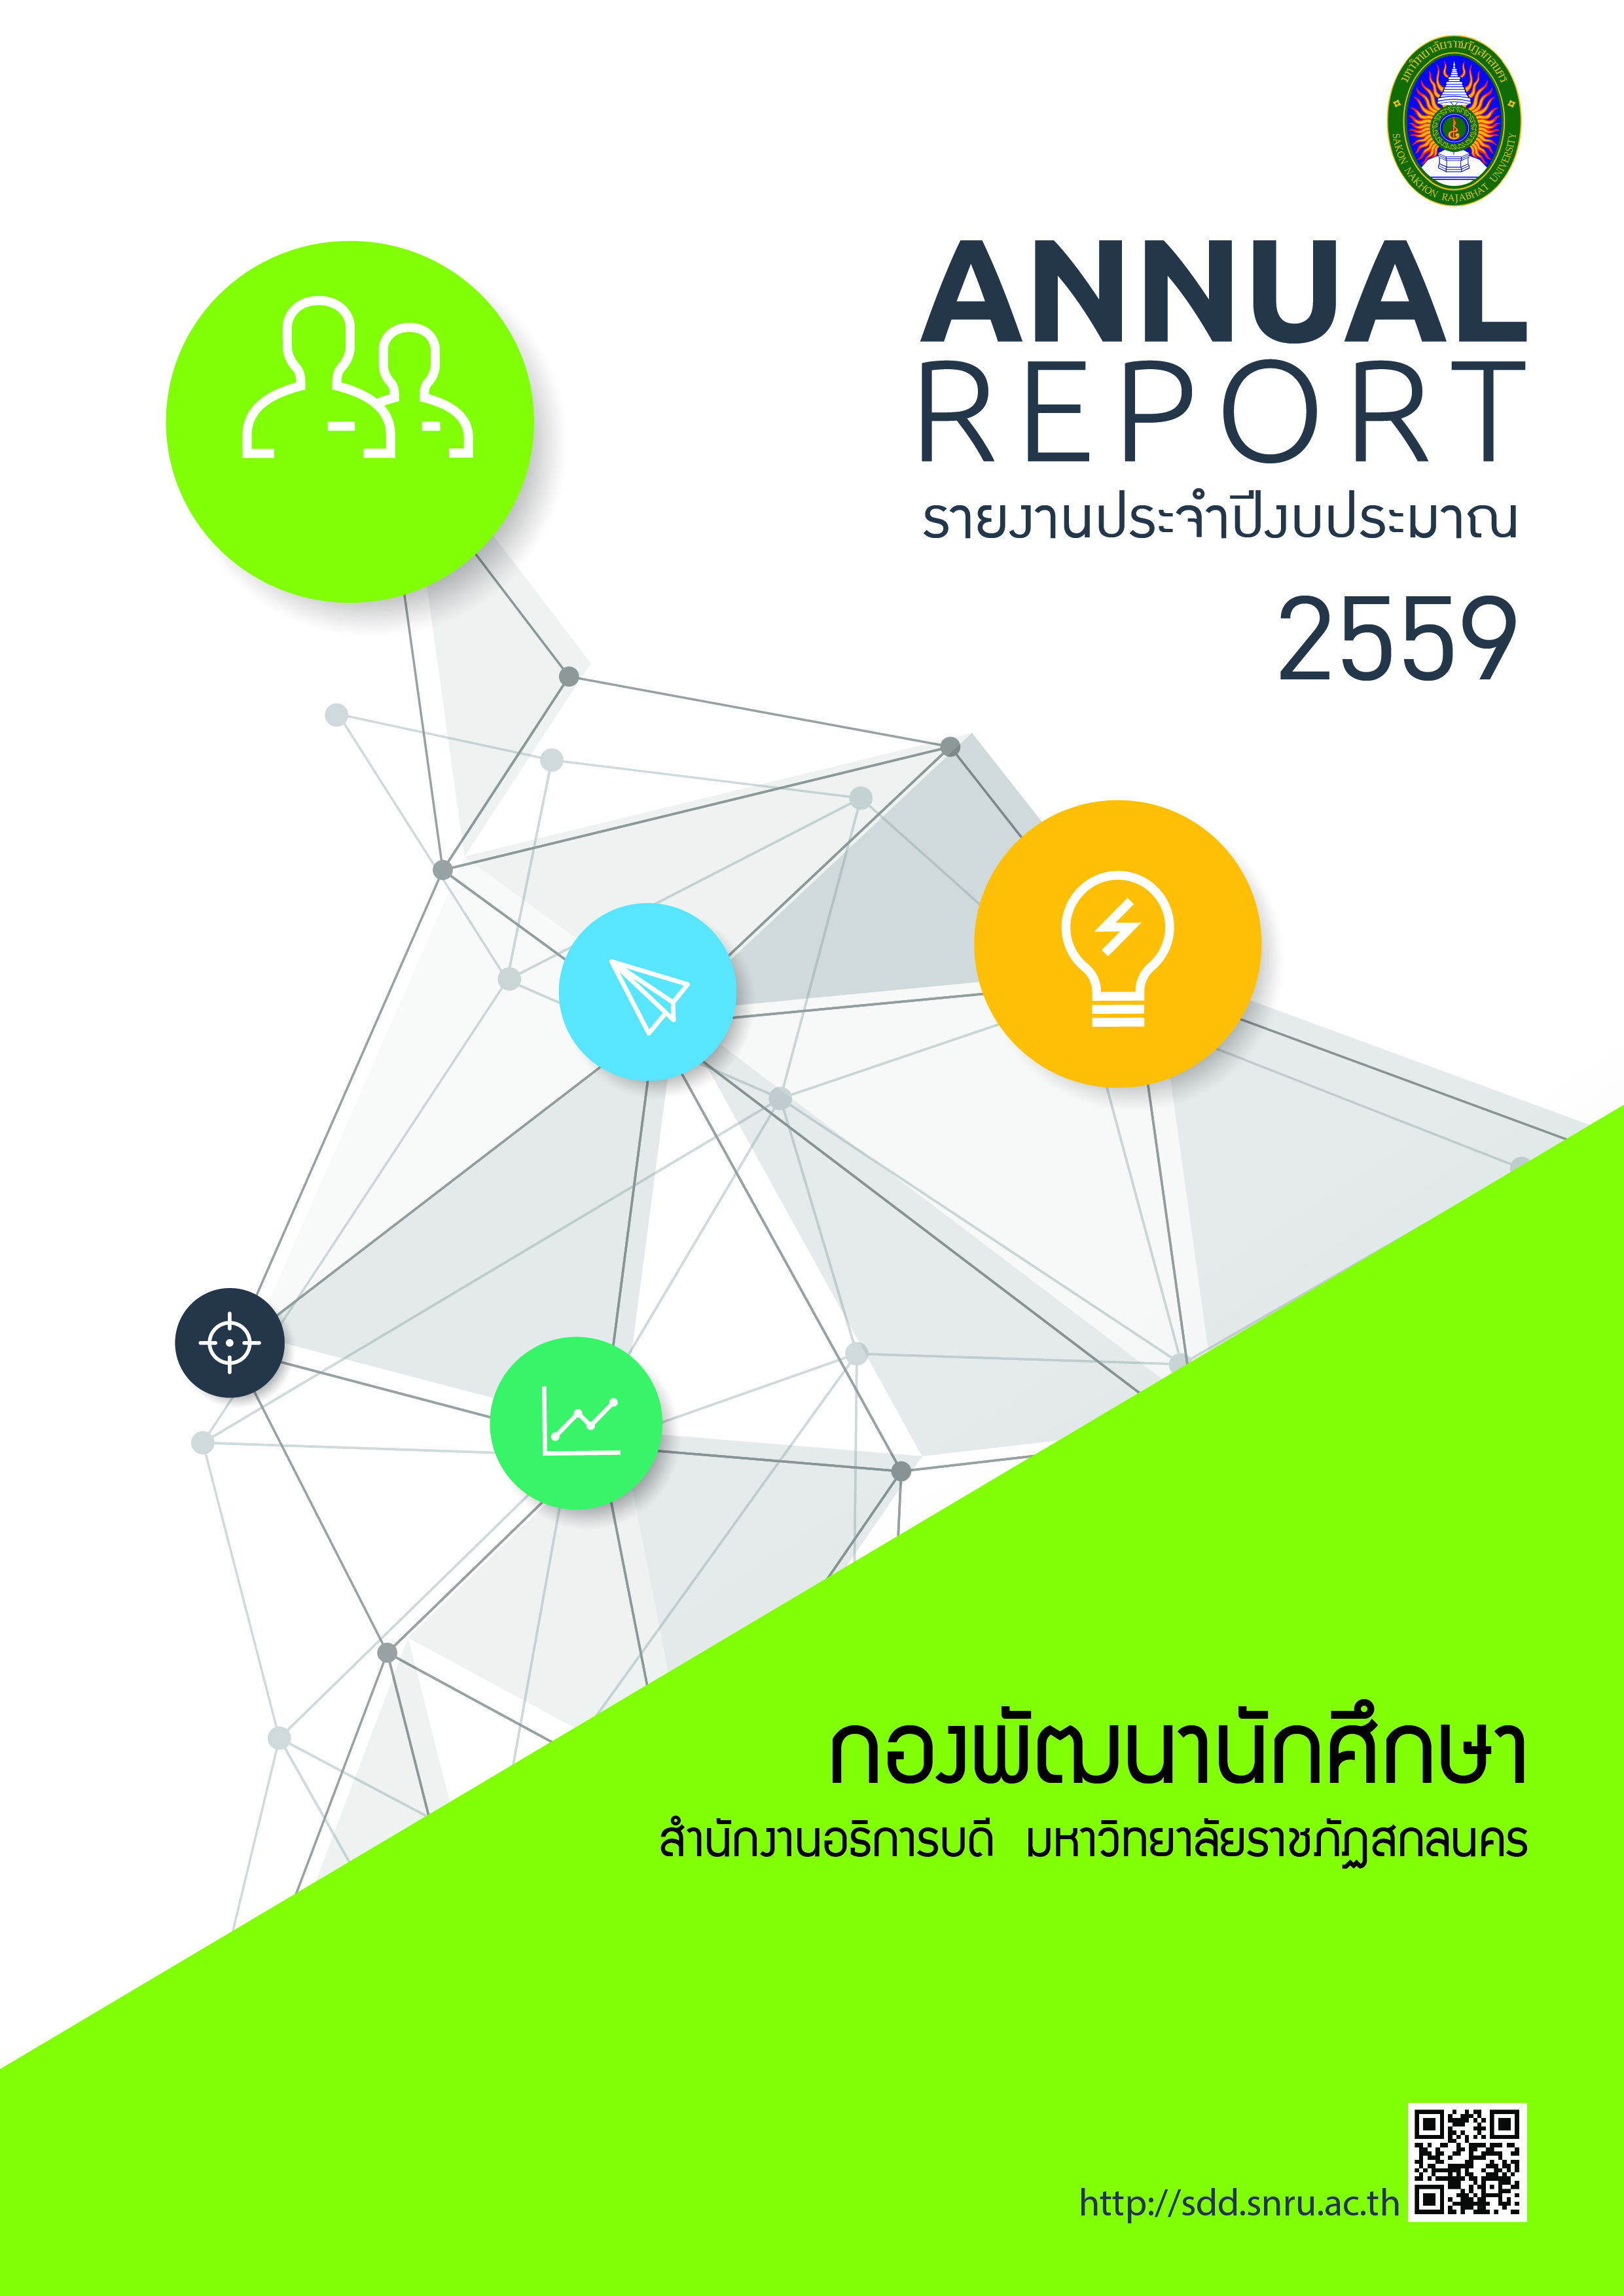 รายงานประจำปีงบประมาณ 2559